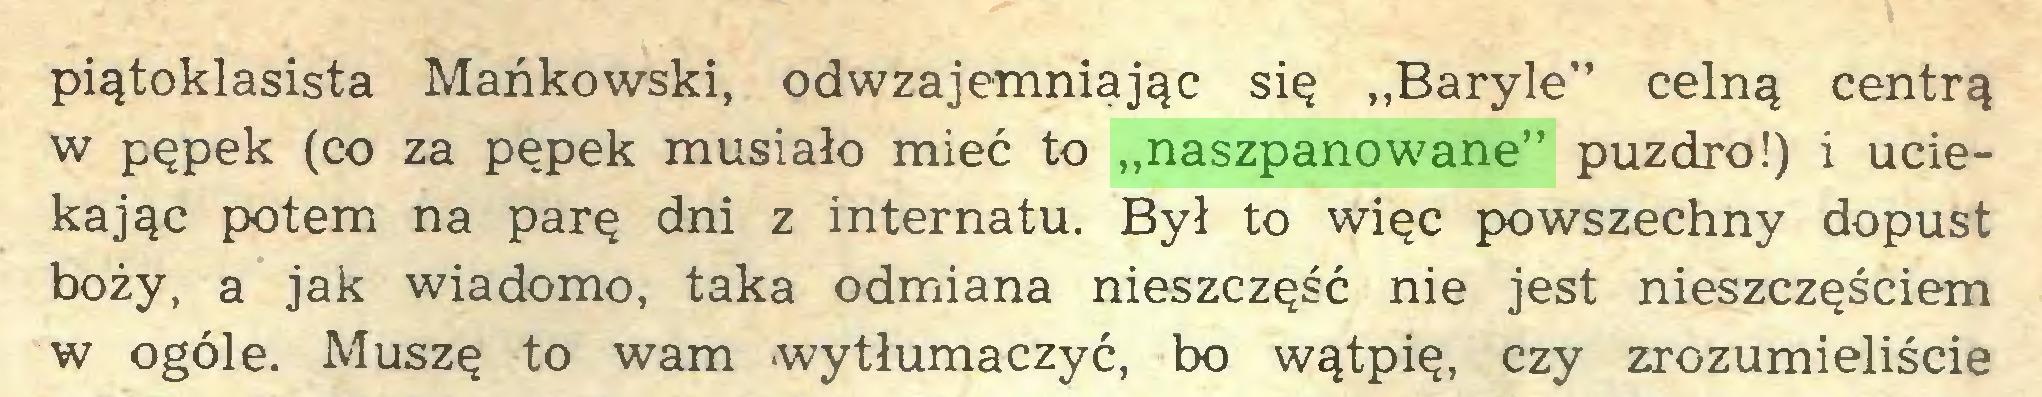 """(...) piątoklasista Mańkowski, odwzajemniając się ,,Baryle"""" celną centrą w pępek (co za pępek musiało mieć to """"naszpanowane"""" puzdro!) i uciekając potem na parę dni z internatu. Był to więc powszechny dopust boży, a jak wiadomo, taka odmiana nieszczęść nie jest nieszczęściem w ogóle. Muszę to wam wytłumaczyć, bo wątpię, czy zrozumieliście..."""